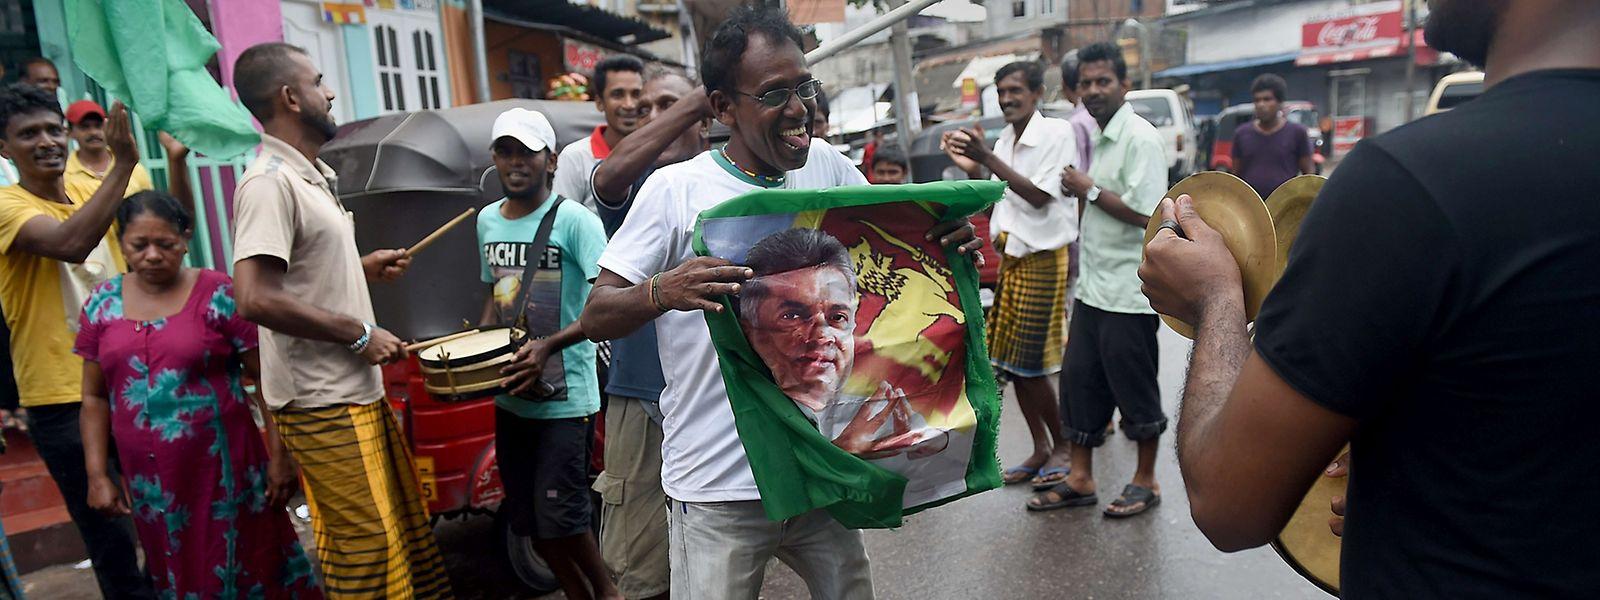 Der Inselstaat Sri Lanka durchlebt momentan unruhige politische Zeiten. Die letzten Parlamentswahlen fanden 2015 statt.